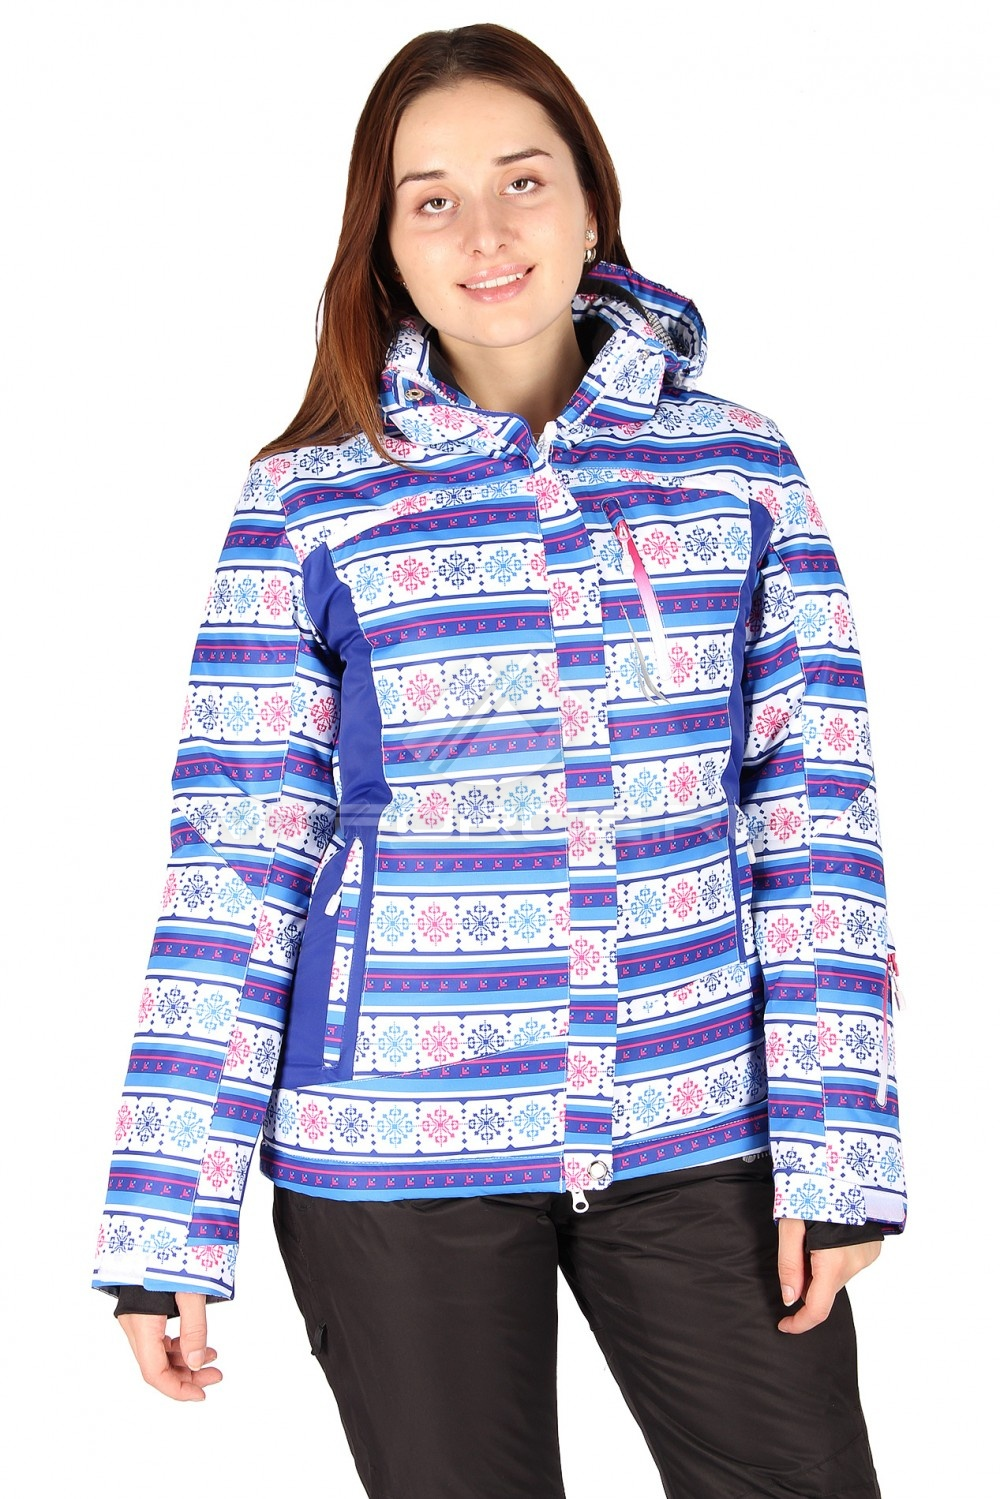 Купить                                  оптом Куртка горнолыжная женская синего цвета 1513-1S в Санкт-Петербурге